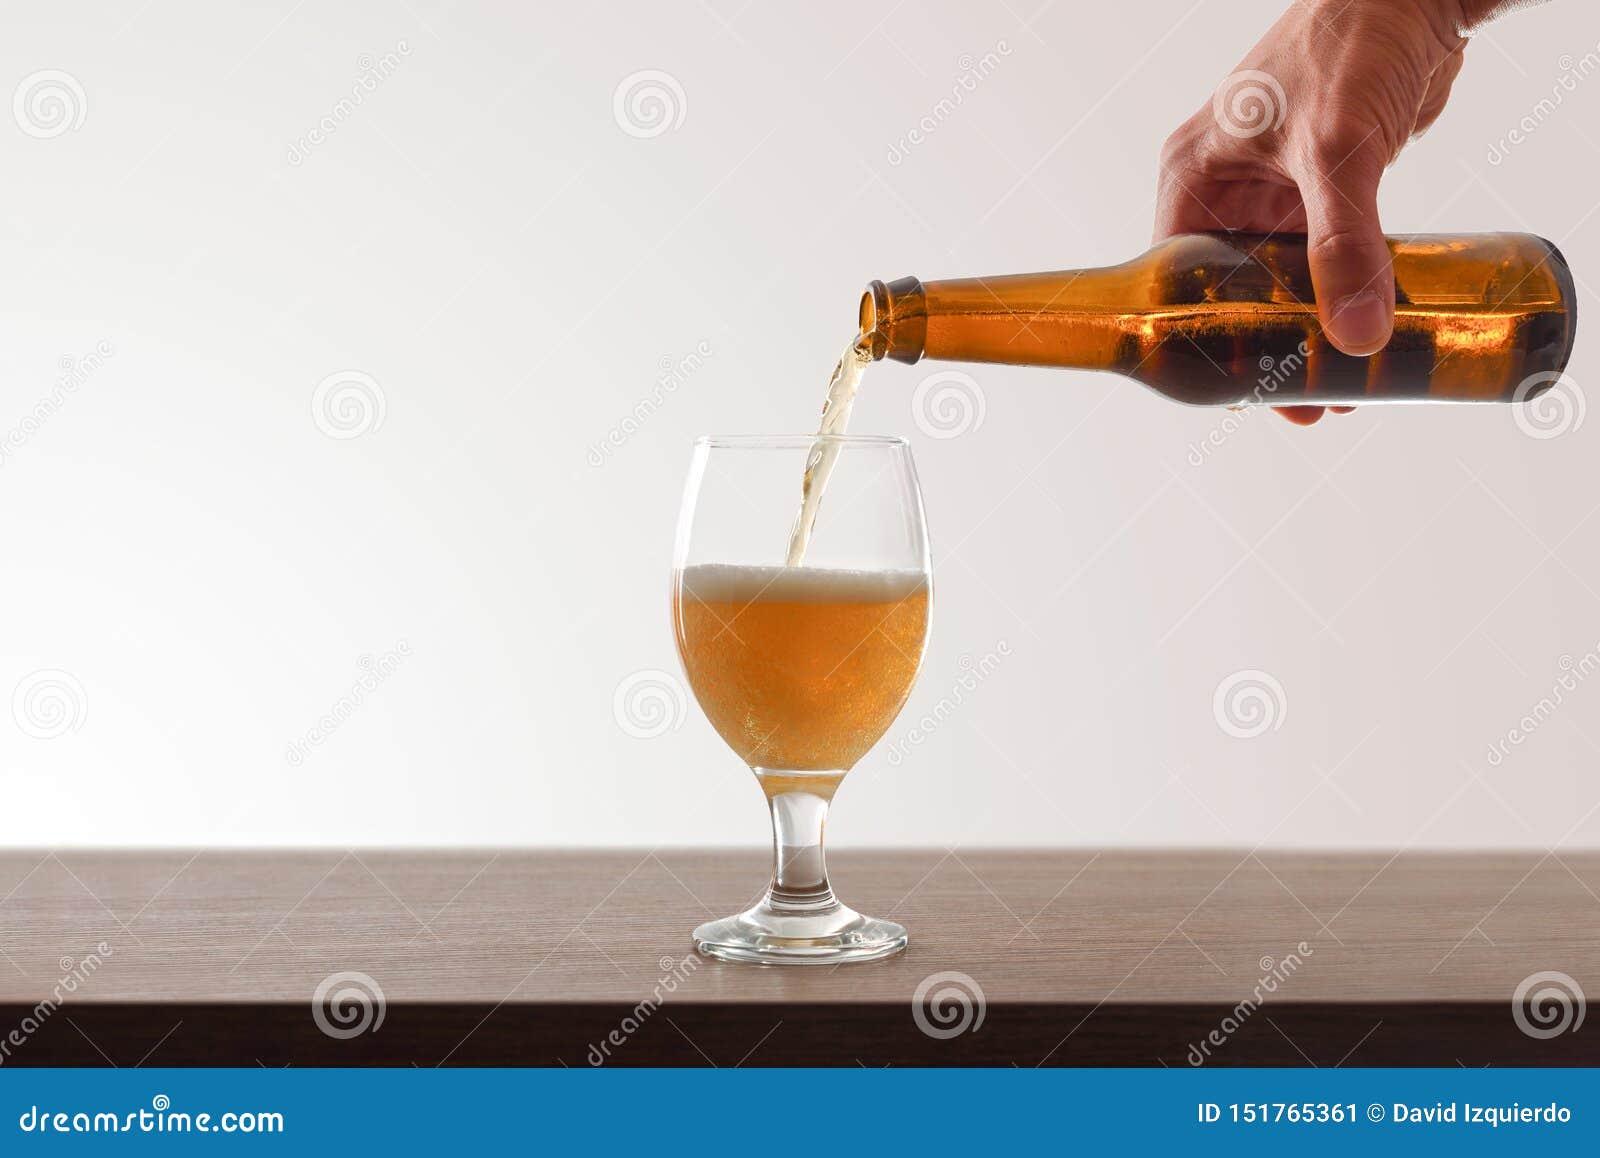 Mano que celebra embotellado de la cerveza un fondo blanco de la taza de cristal